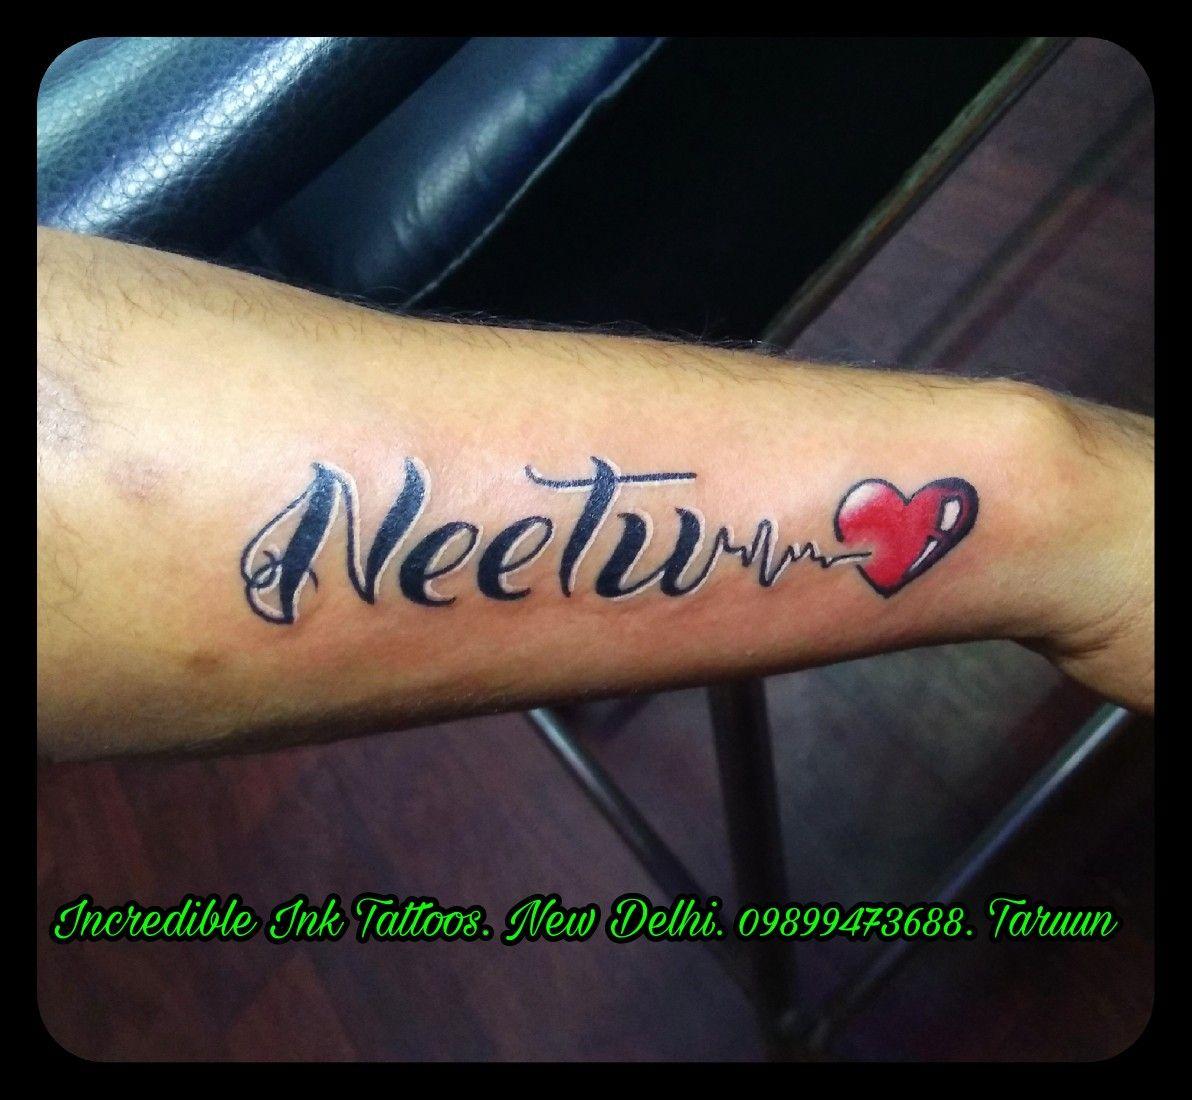 Neetu Name Heartbeat Tattoo Neetu Name Heartbeat Tattoos Call Whatsapp 09899473688 Tattoos Heartbeat Tattoo Ink Tattoo